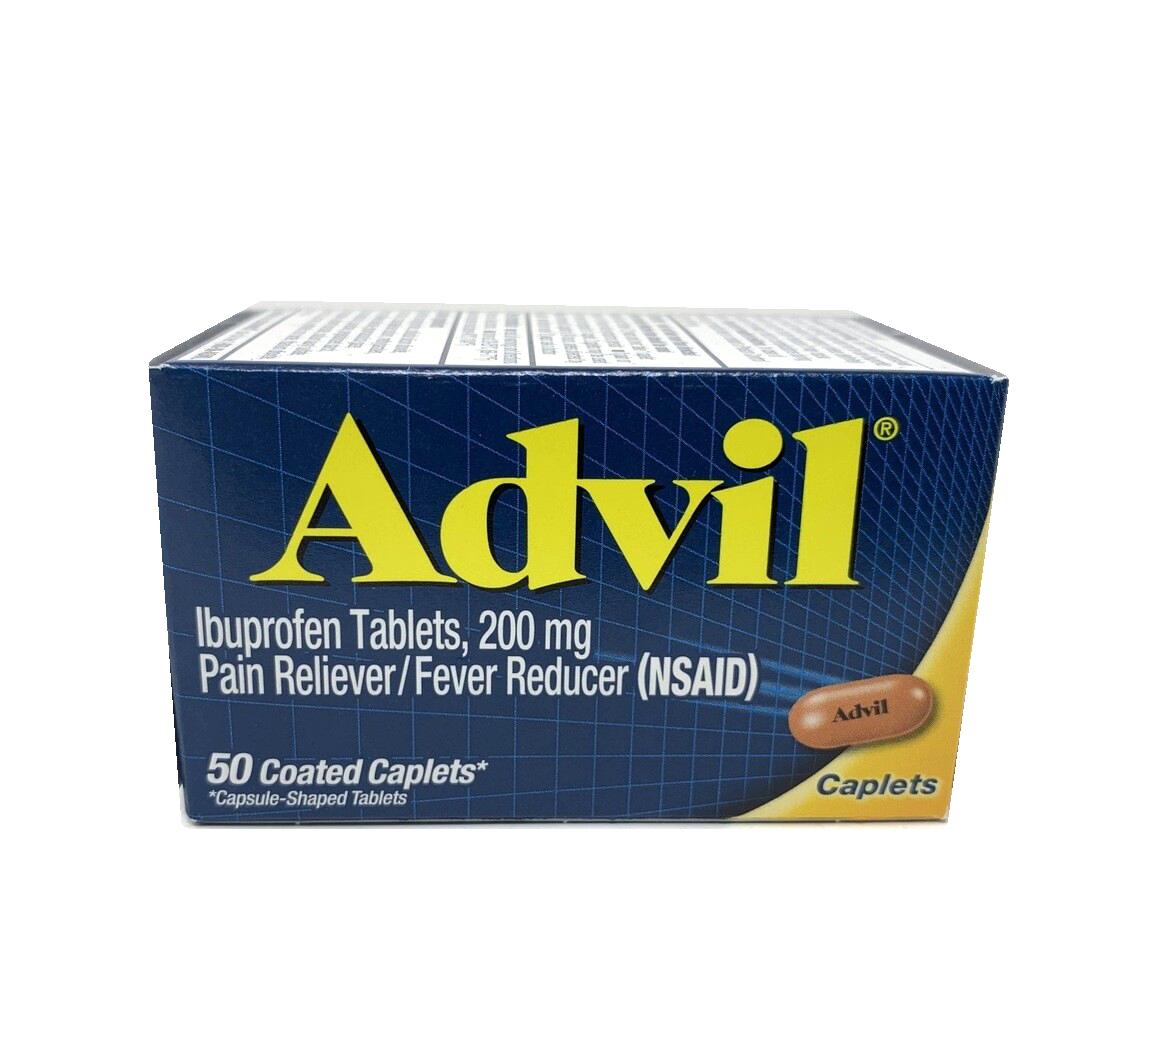 Advil Ibuprofen 200mg